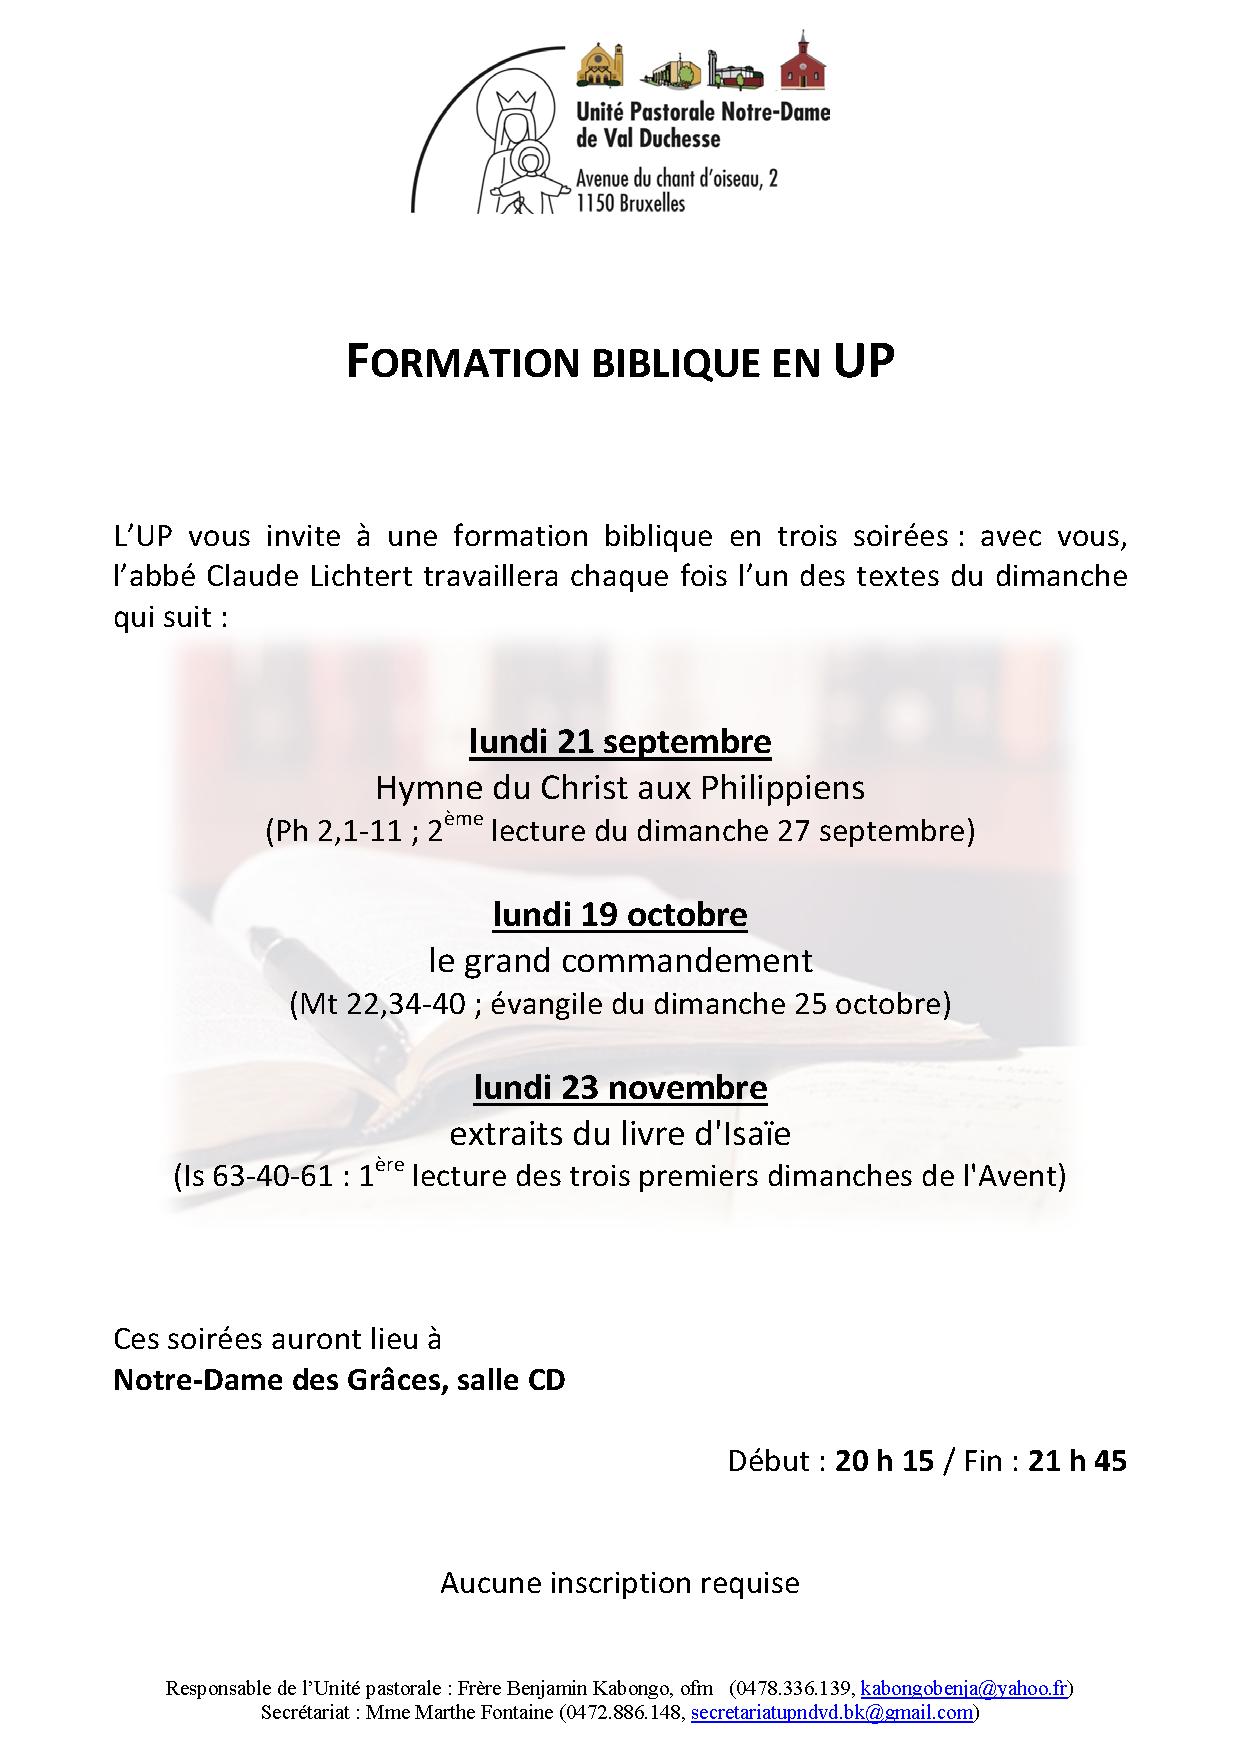 Formation biblique @ Notre-Dame-des-Grâces (Cure)